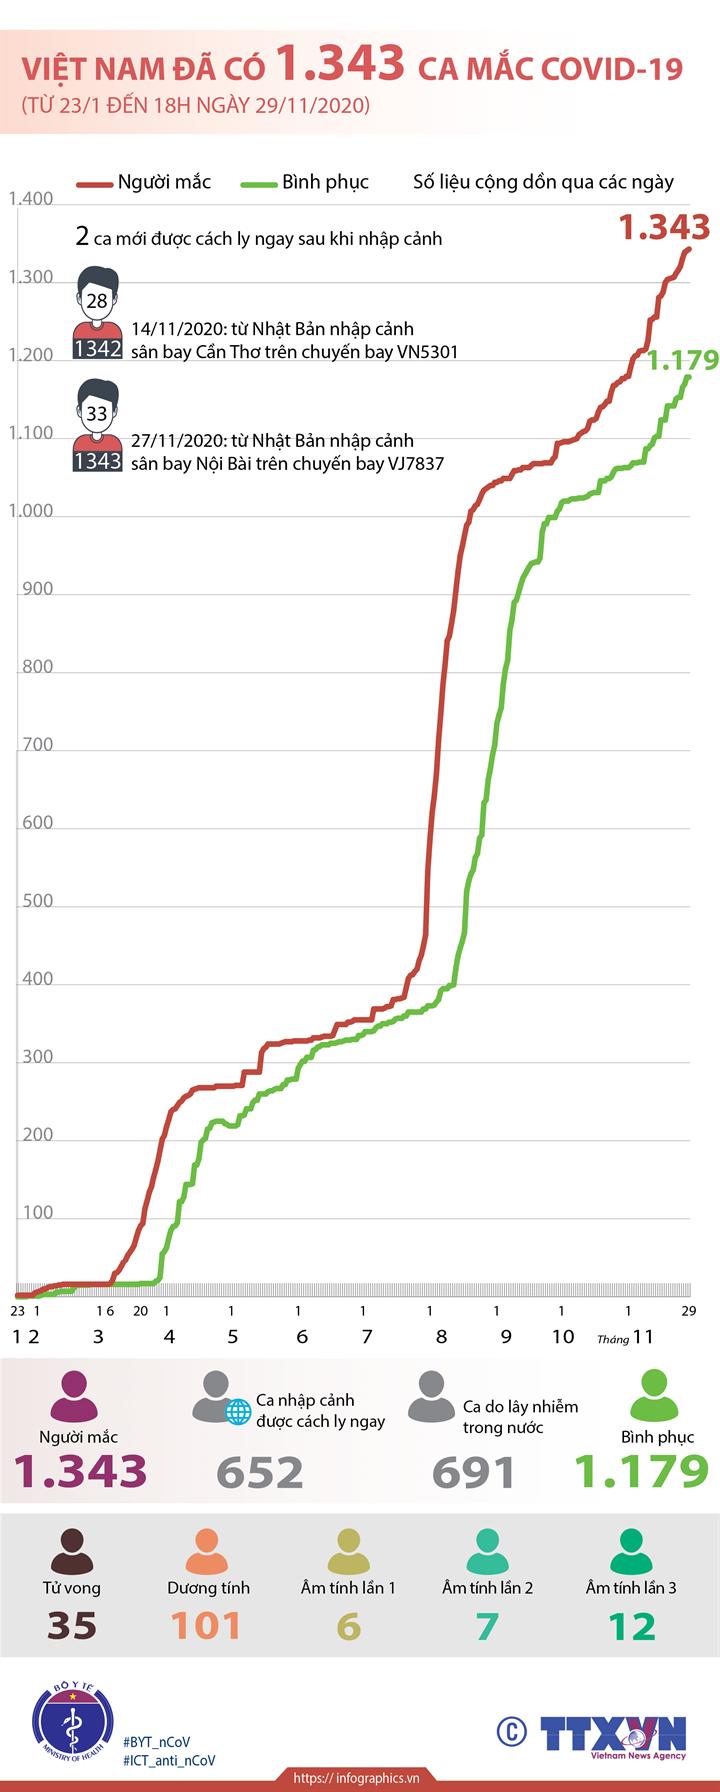 Việt Nam đã có 1.343 ca mắc COVID-19 (từ 23/1 đến 18h ngày 29/11/2020)